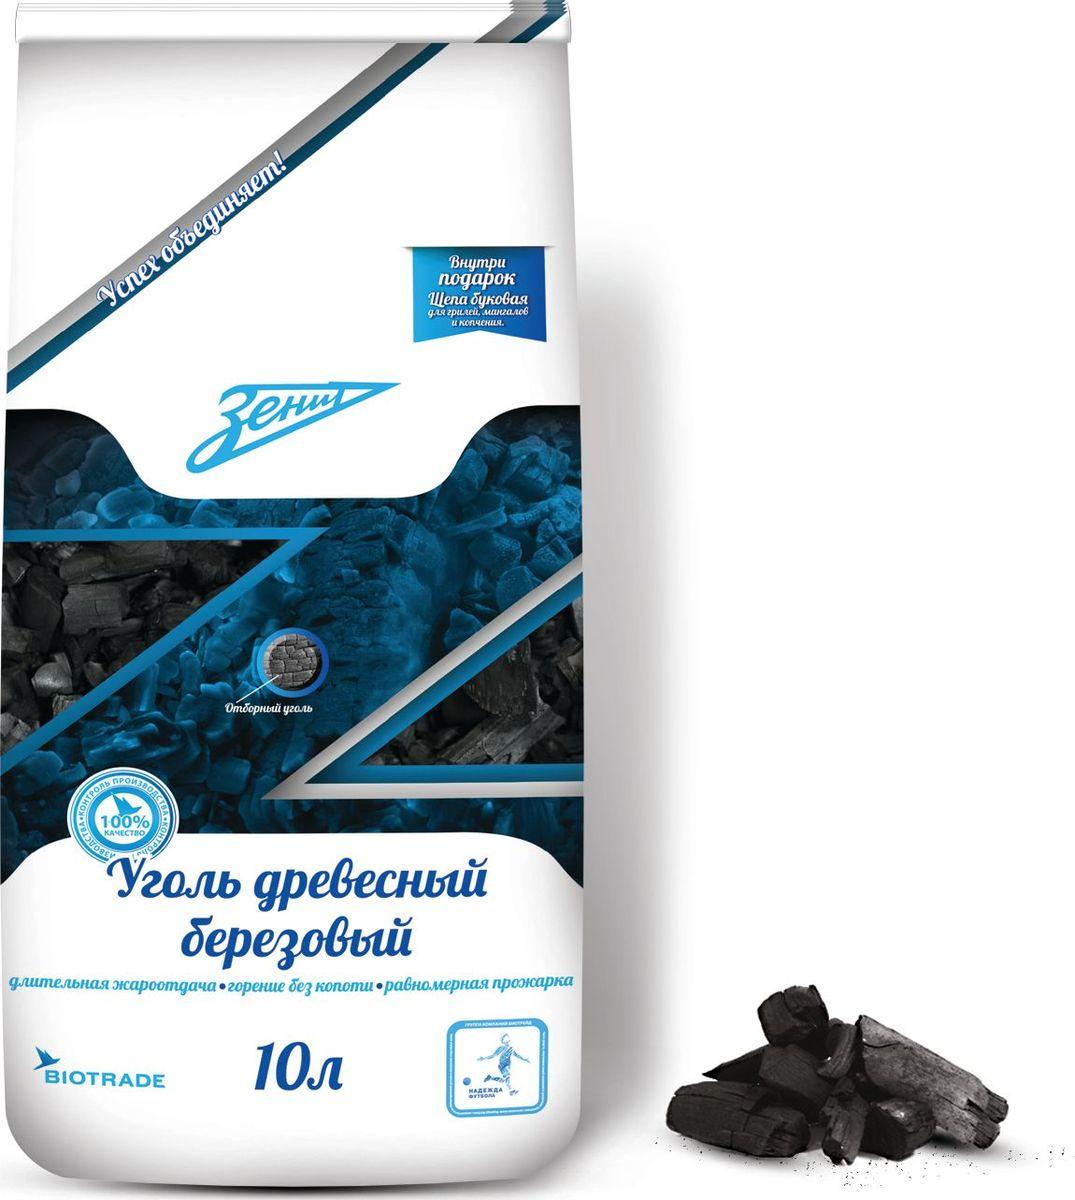 Уголь Зенит, 10 л54 009312Идеальное топливо для всех типов грилей. Изготовлен из березовой древесины. Применяется для приготовления мяса, рыбы и других продуктов в мангалах, шашлычницах, грилях, а также в качестве топлива для каминов и печей любого вида. Вес 1,4 кг